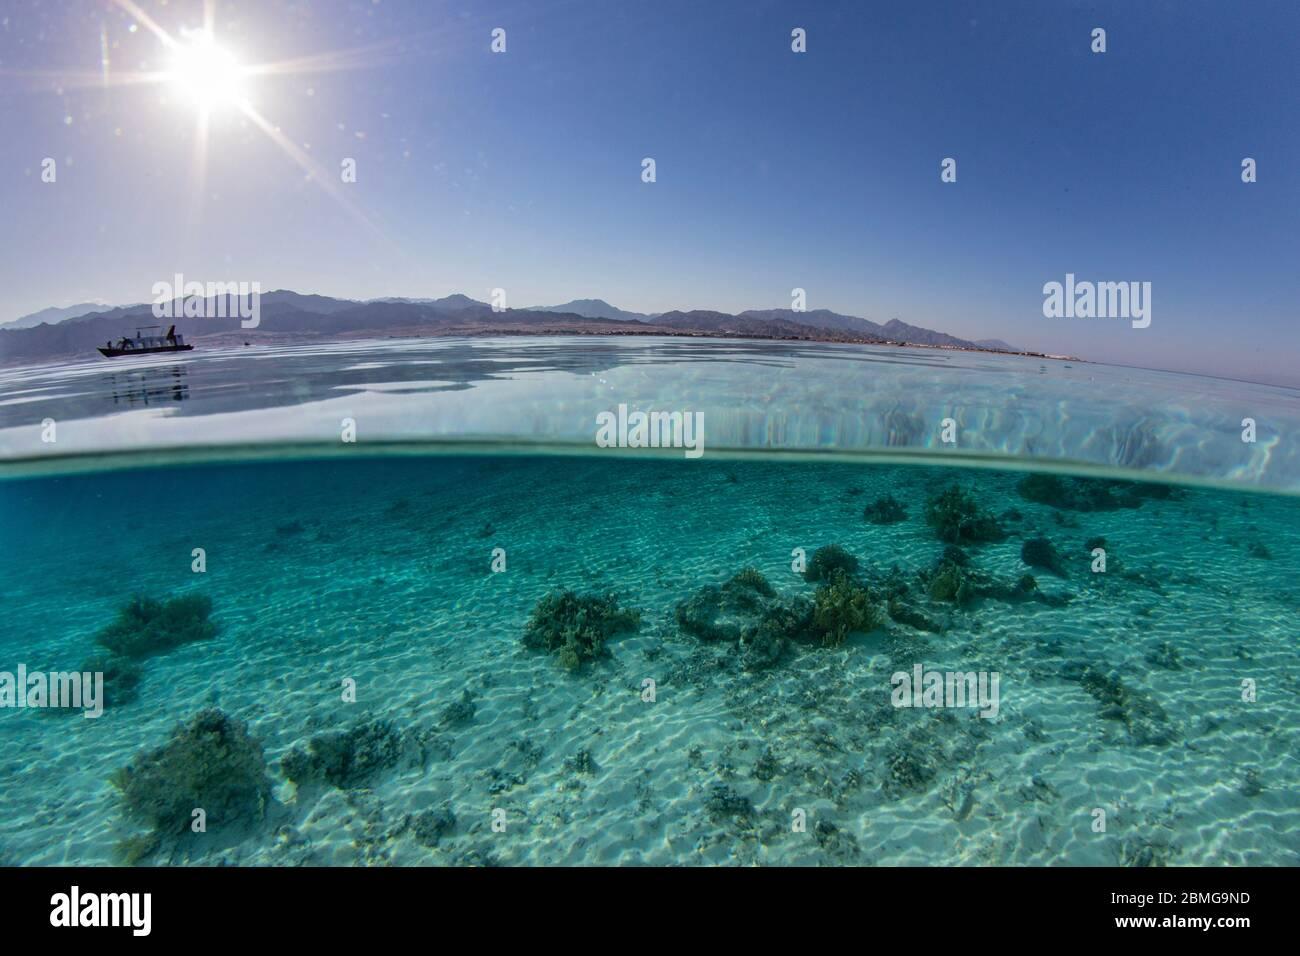 Sobre bajo la imagen dividida de aguas poco profundas de una vista costera típica a lo largo de la costa del Mar Rojo. Foto de stock